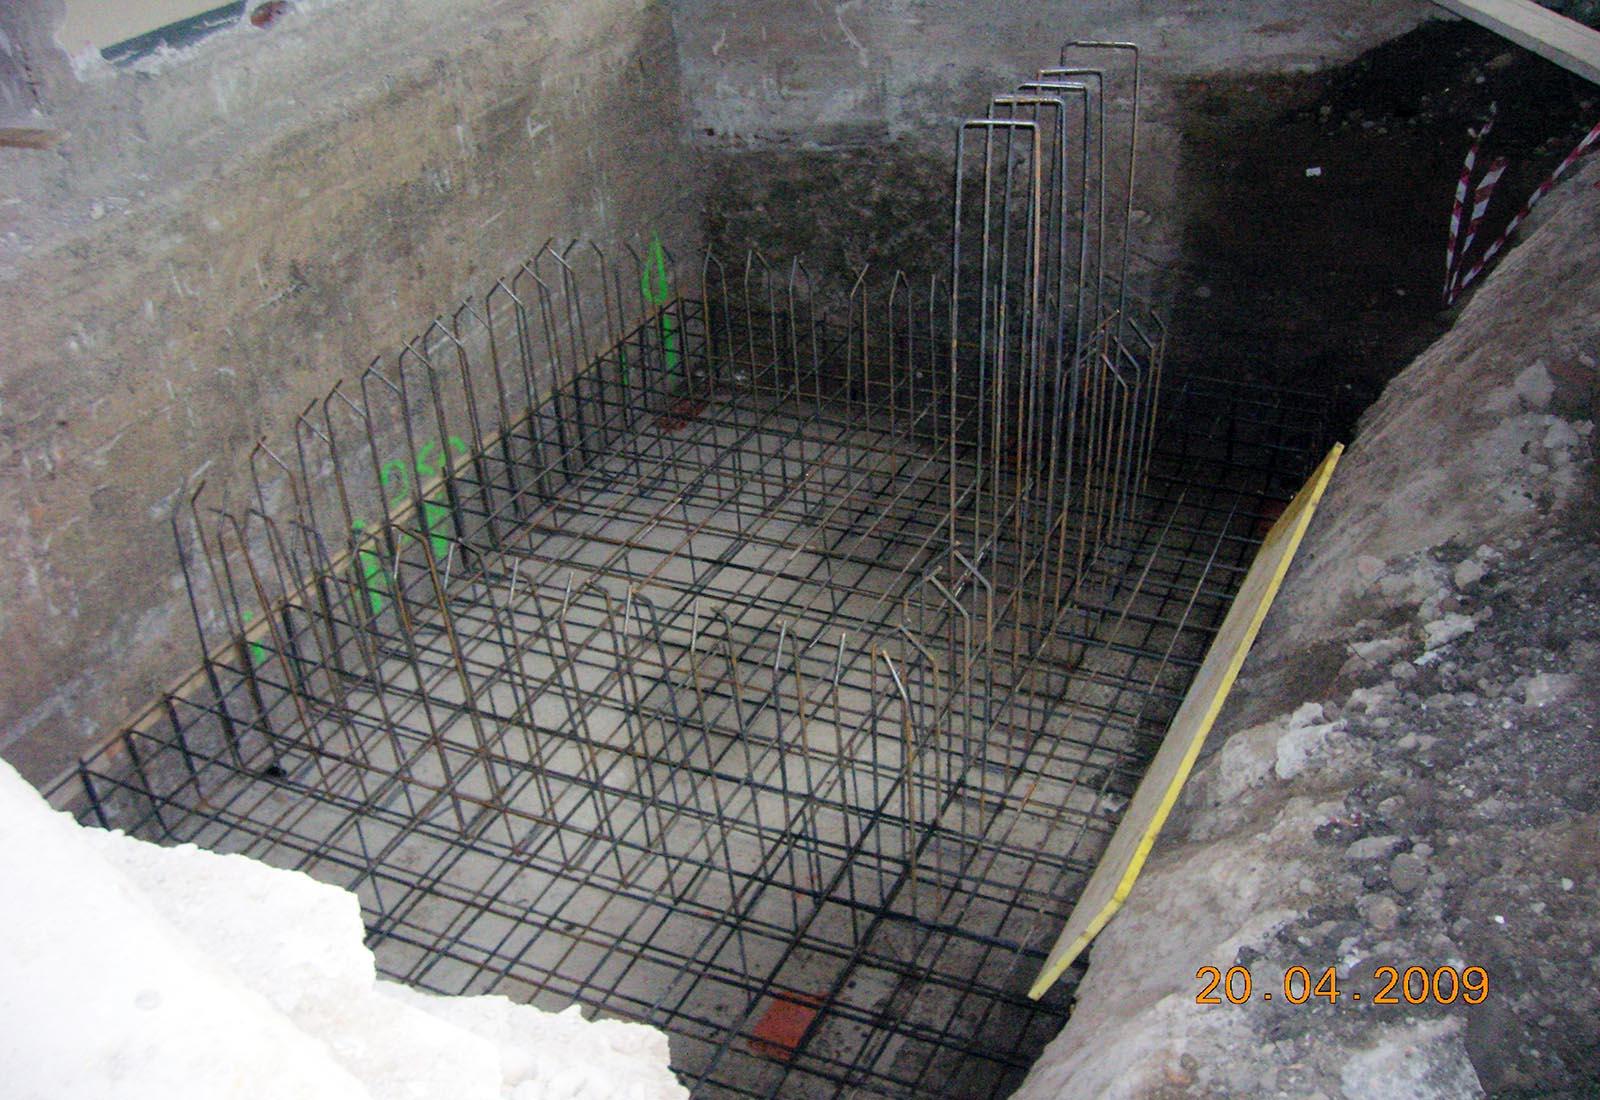 Polo scolastico Manzoni - La struttura del nuovo ascensore